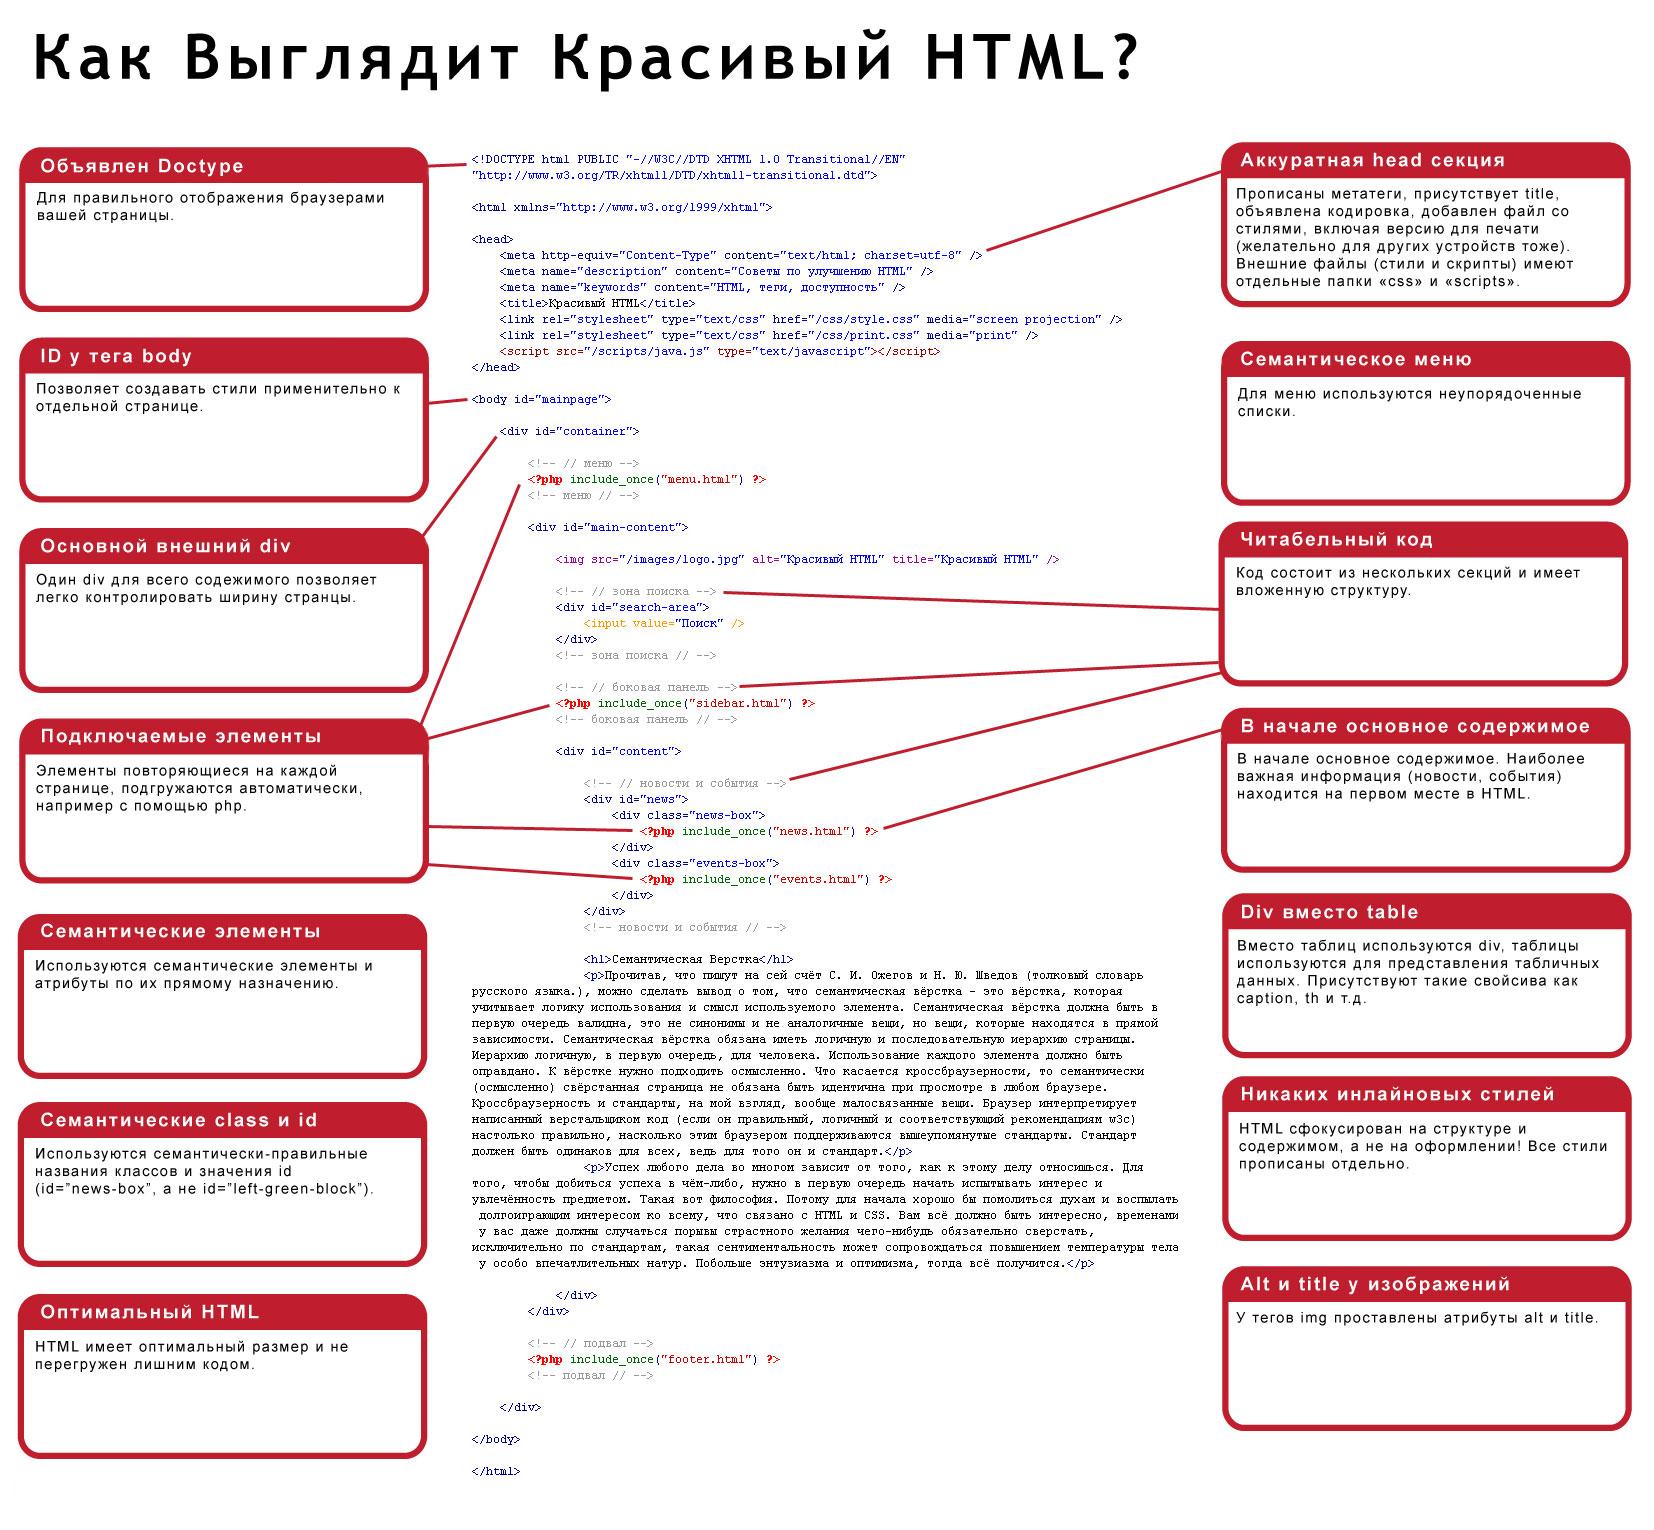 Как в html сделать переход на следующую страницу